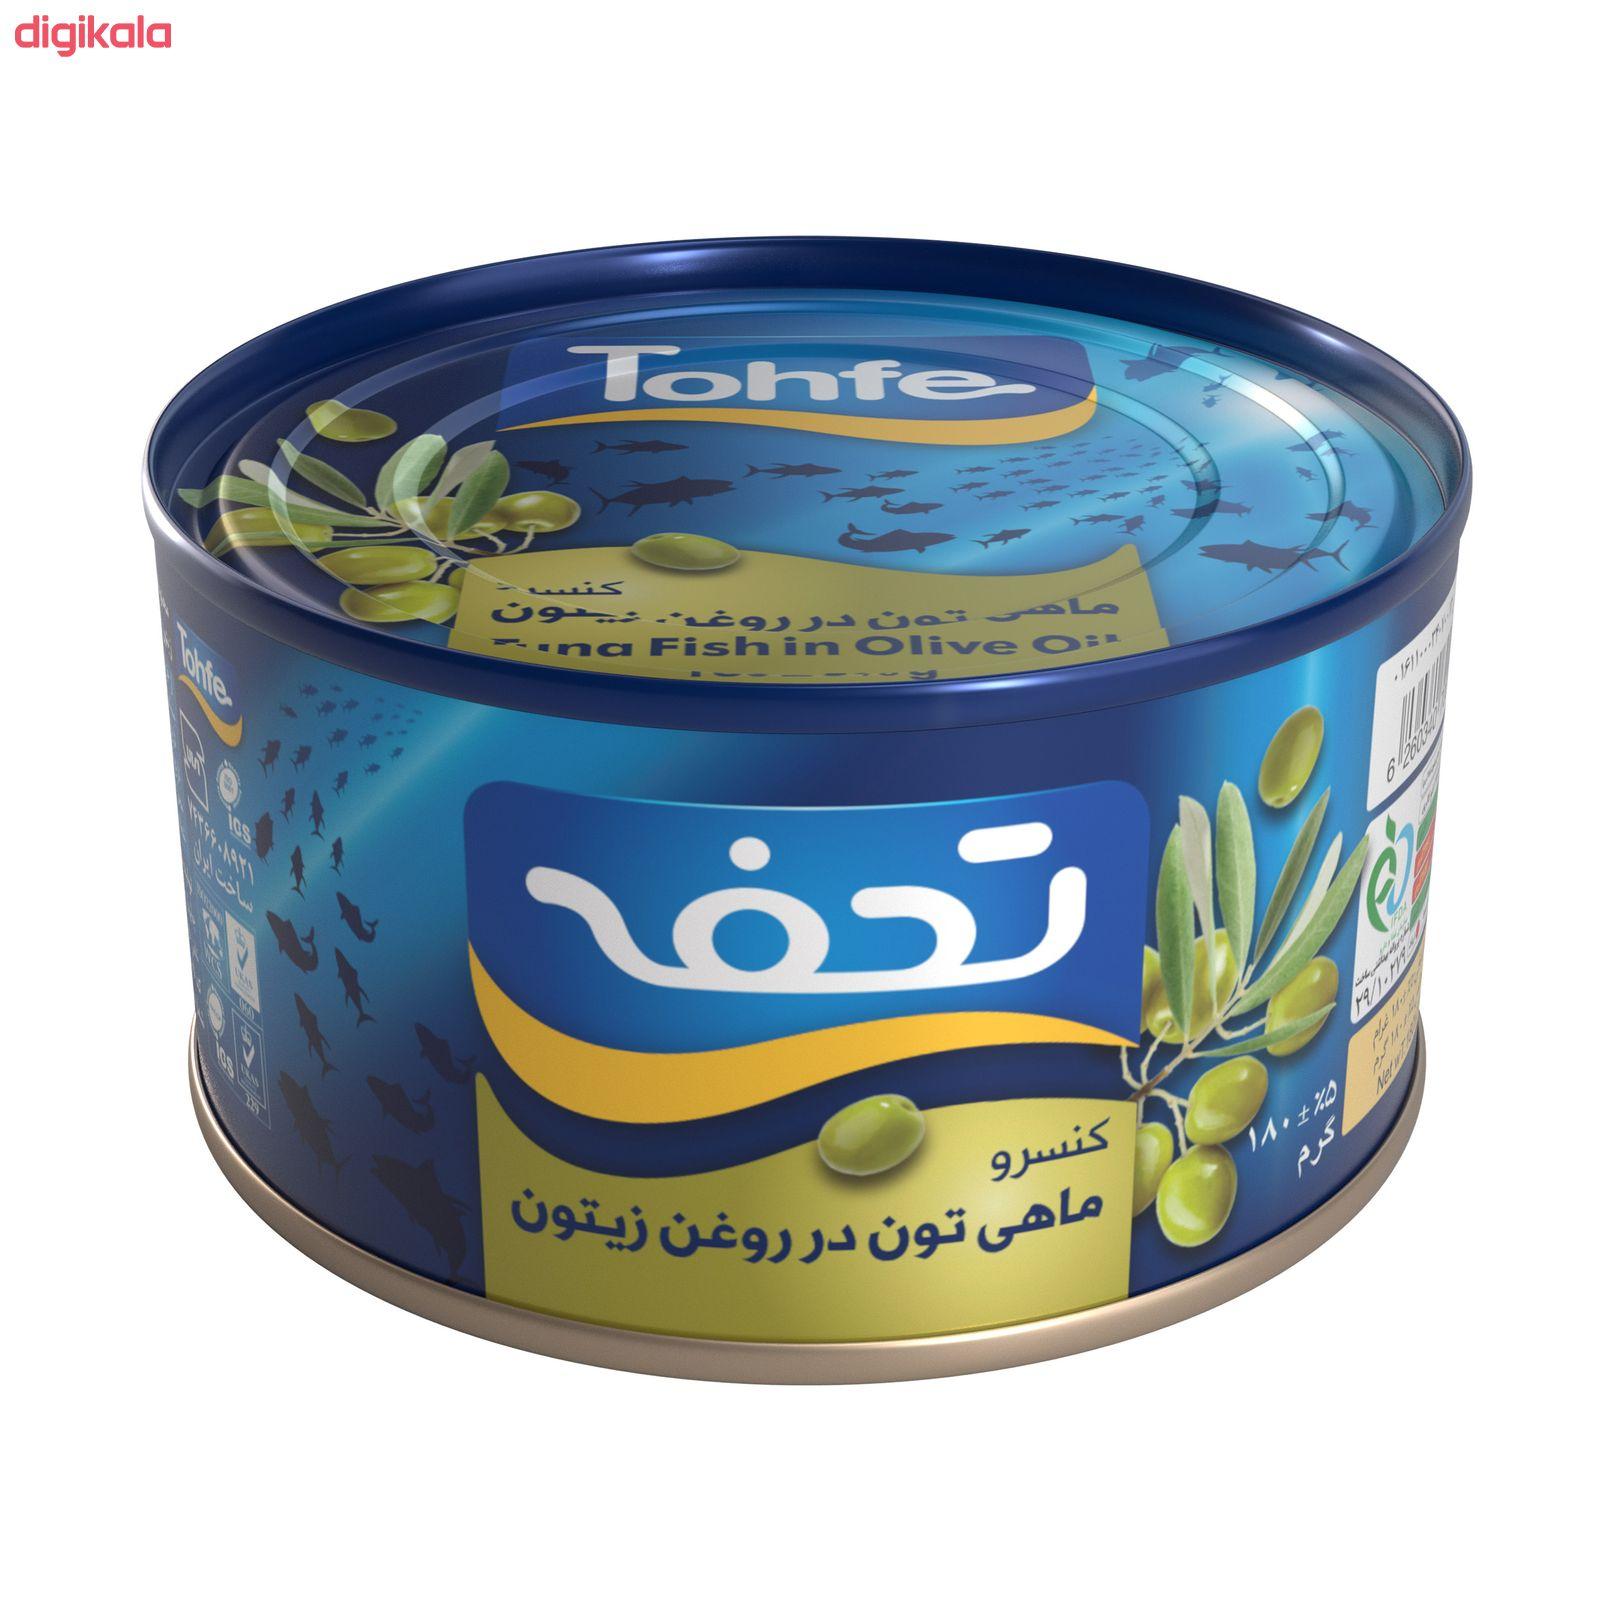 کنسرو ماهی تون در روغن زیتون تحفه - 180 گرم main 1 3